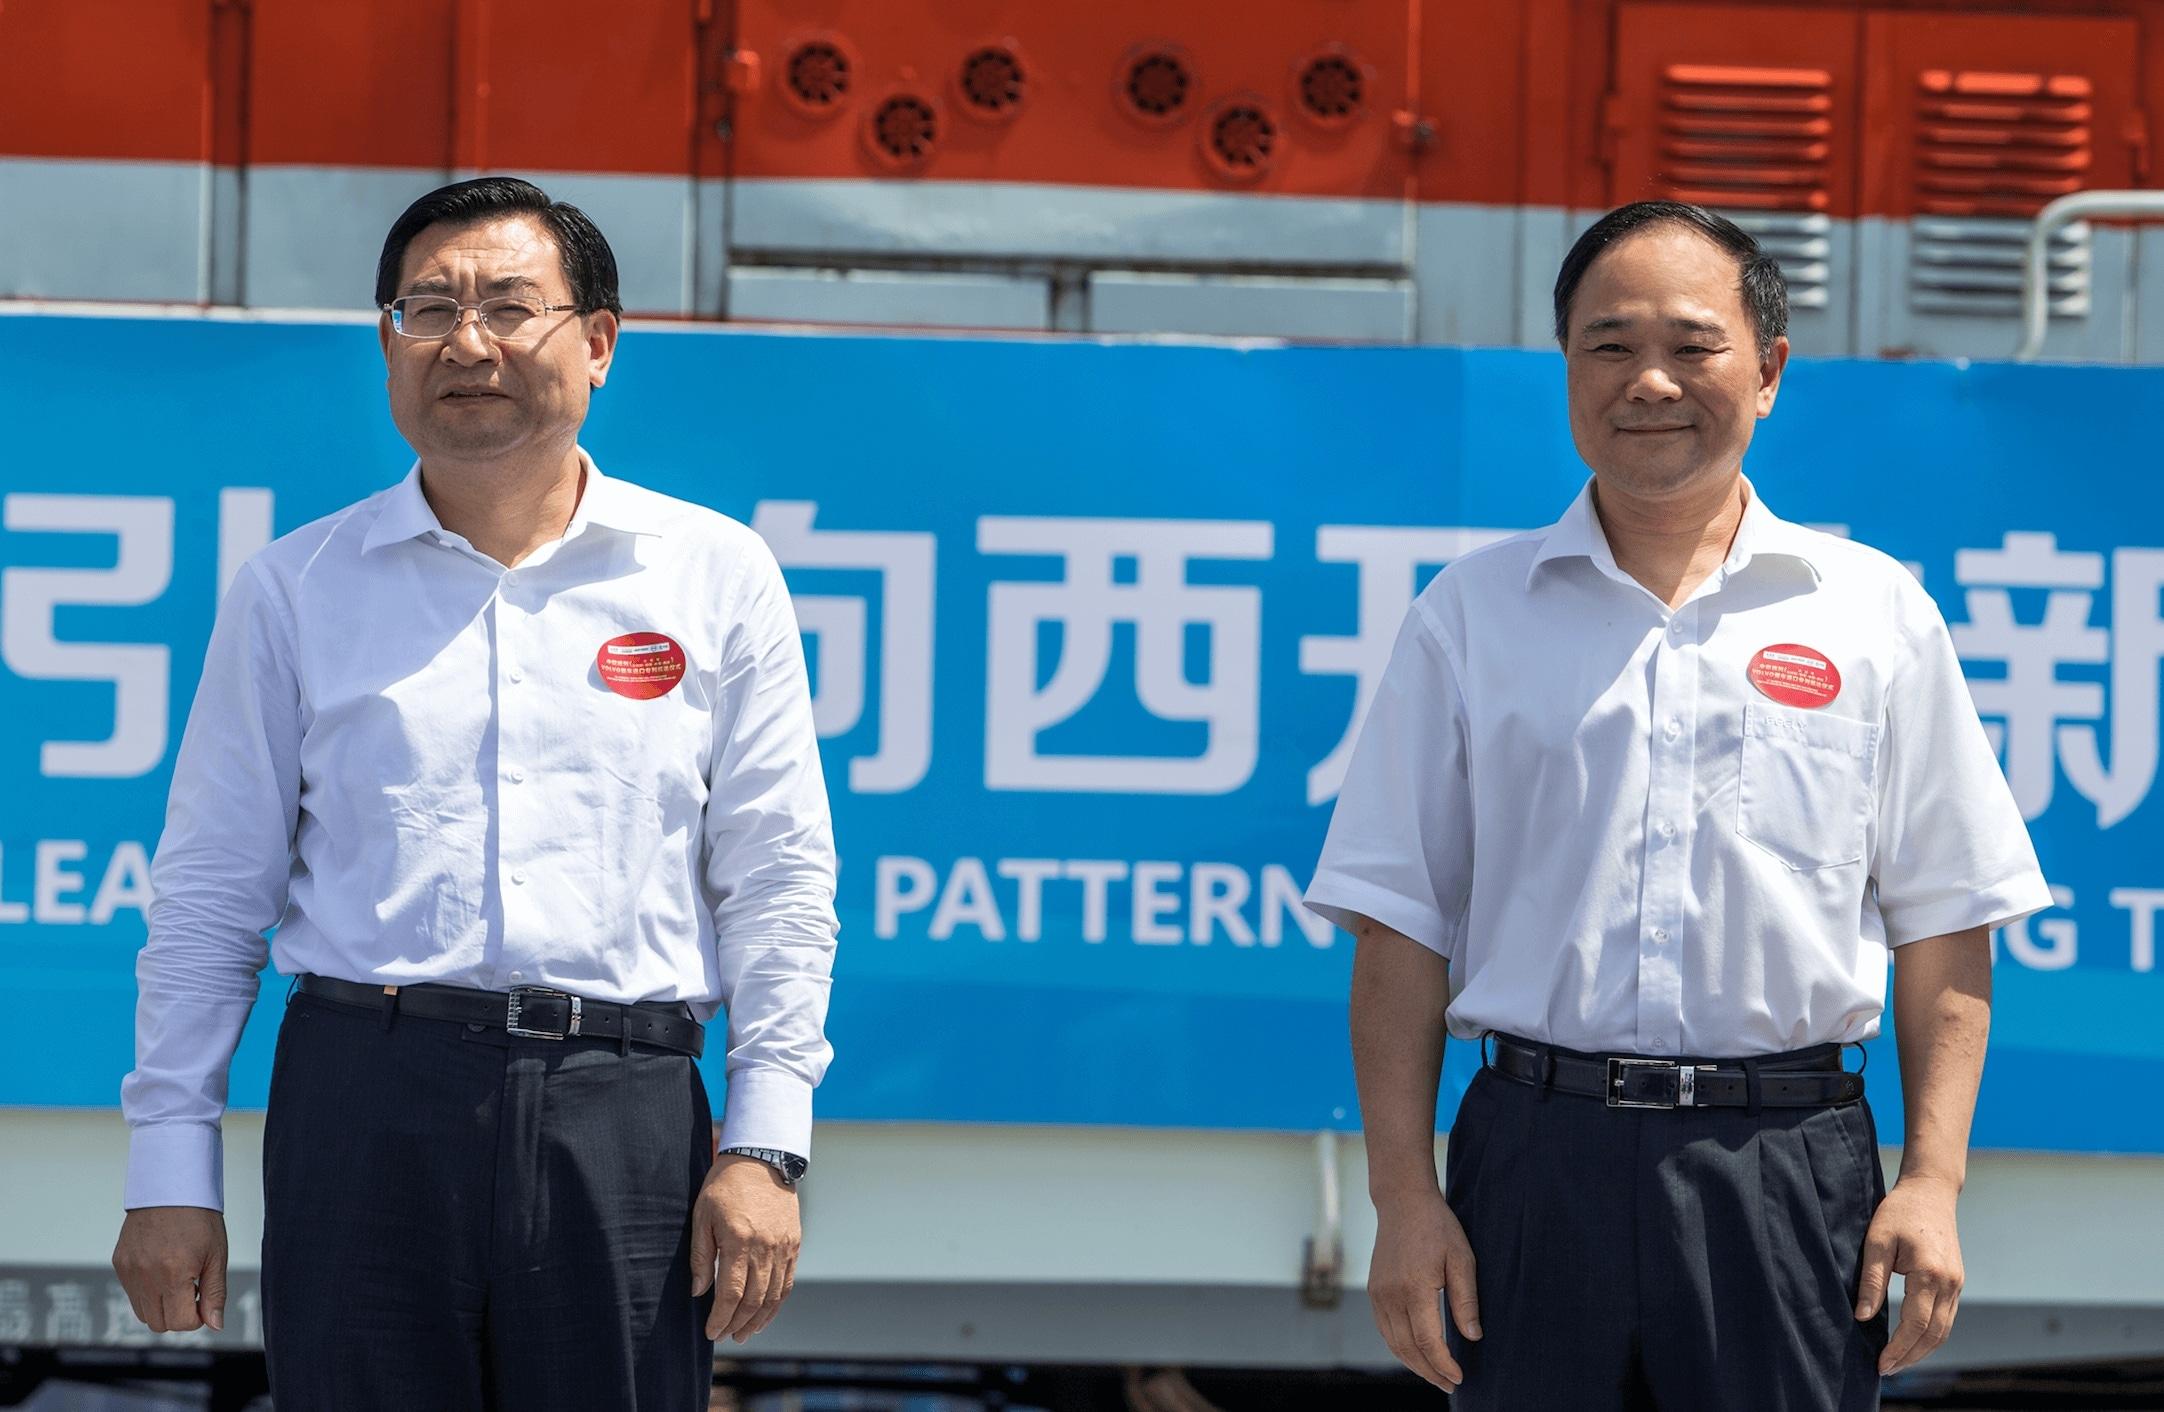 积极践行一带一路倡议,优化全球市场资源配置,展现中国汽车工业实力